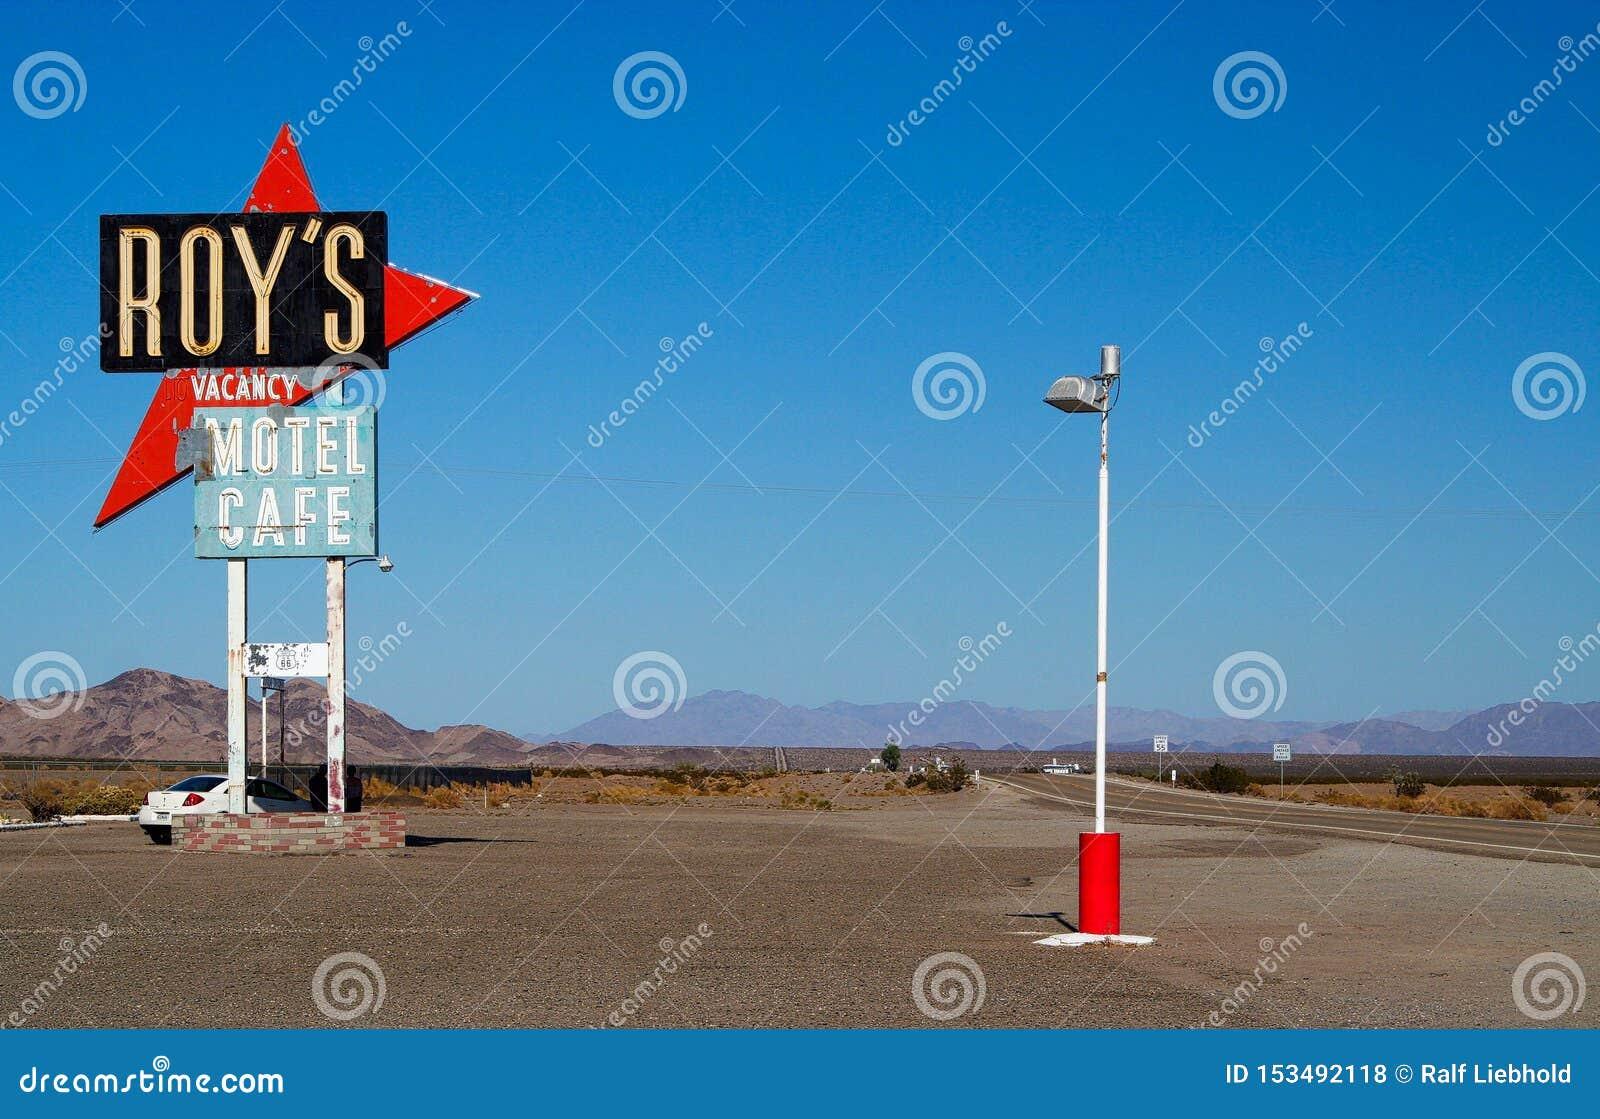 AMBOY CALIFORNIA, U.S.A. - 8 AGOSTO 2009: Segno isolato del motel e del caffè di Roy contro cielo blu a Route 66 con catena montu